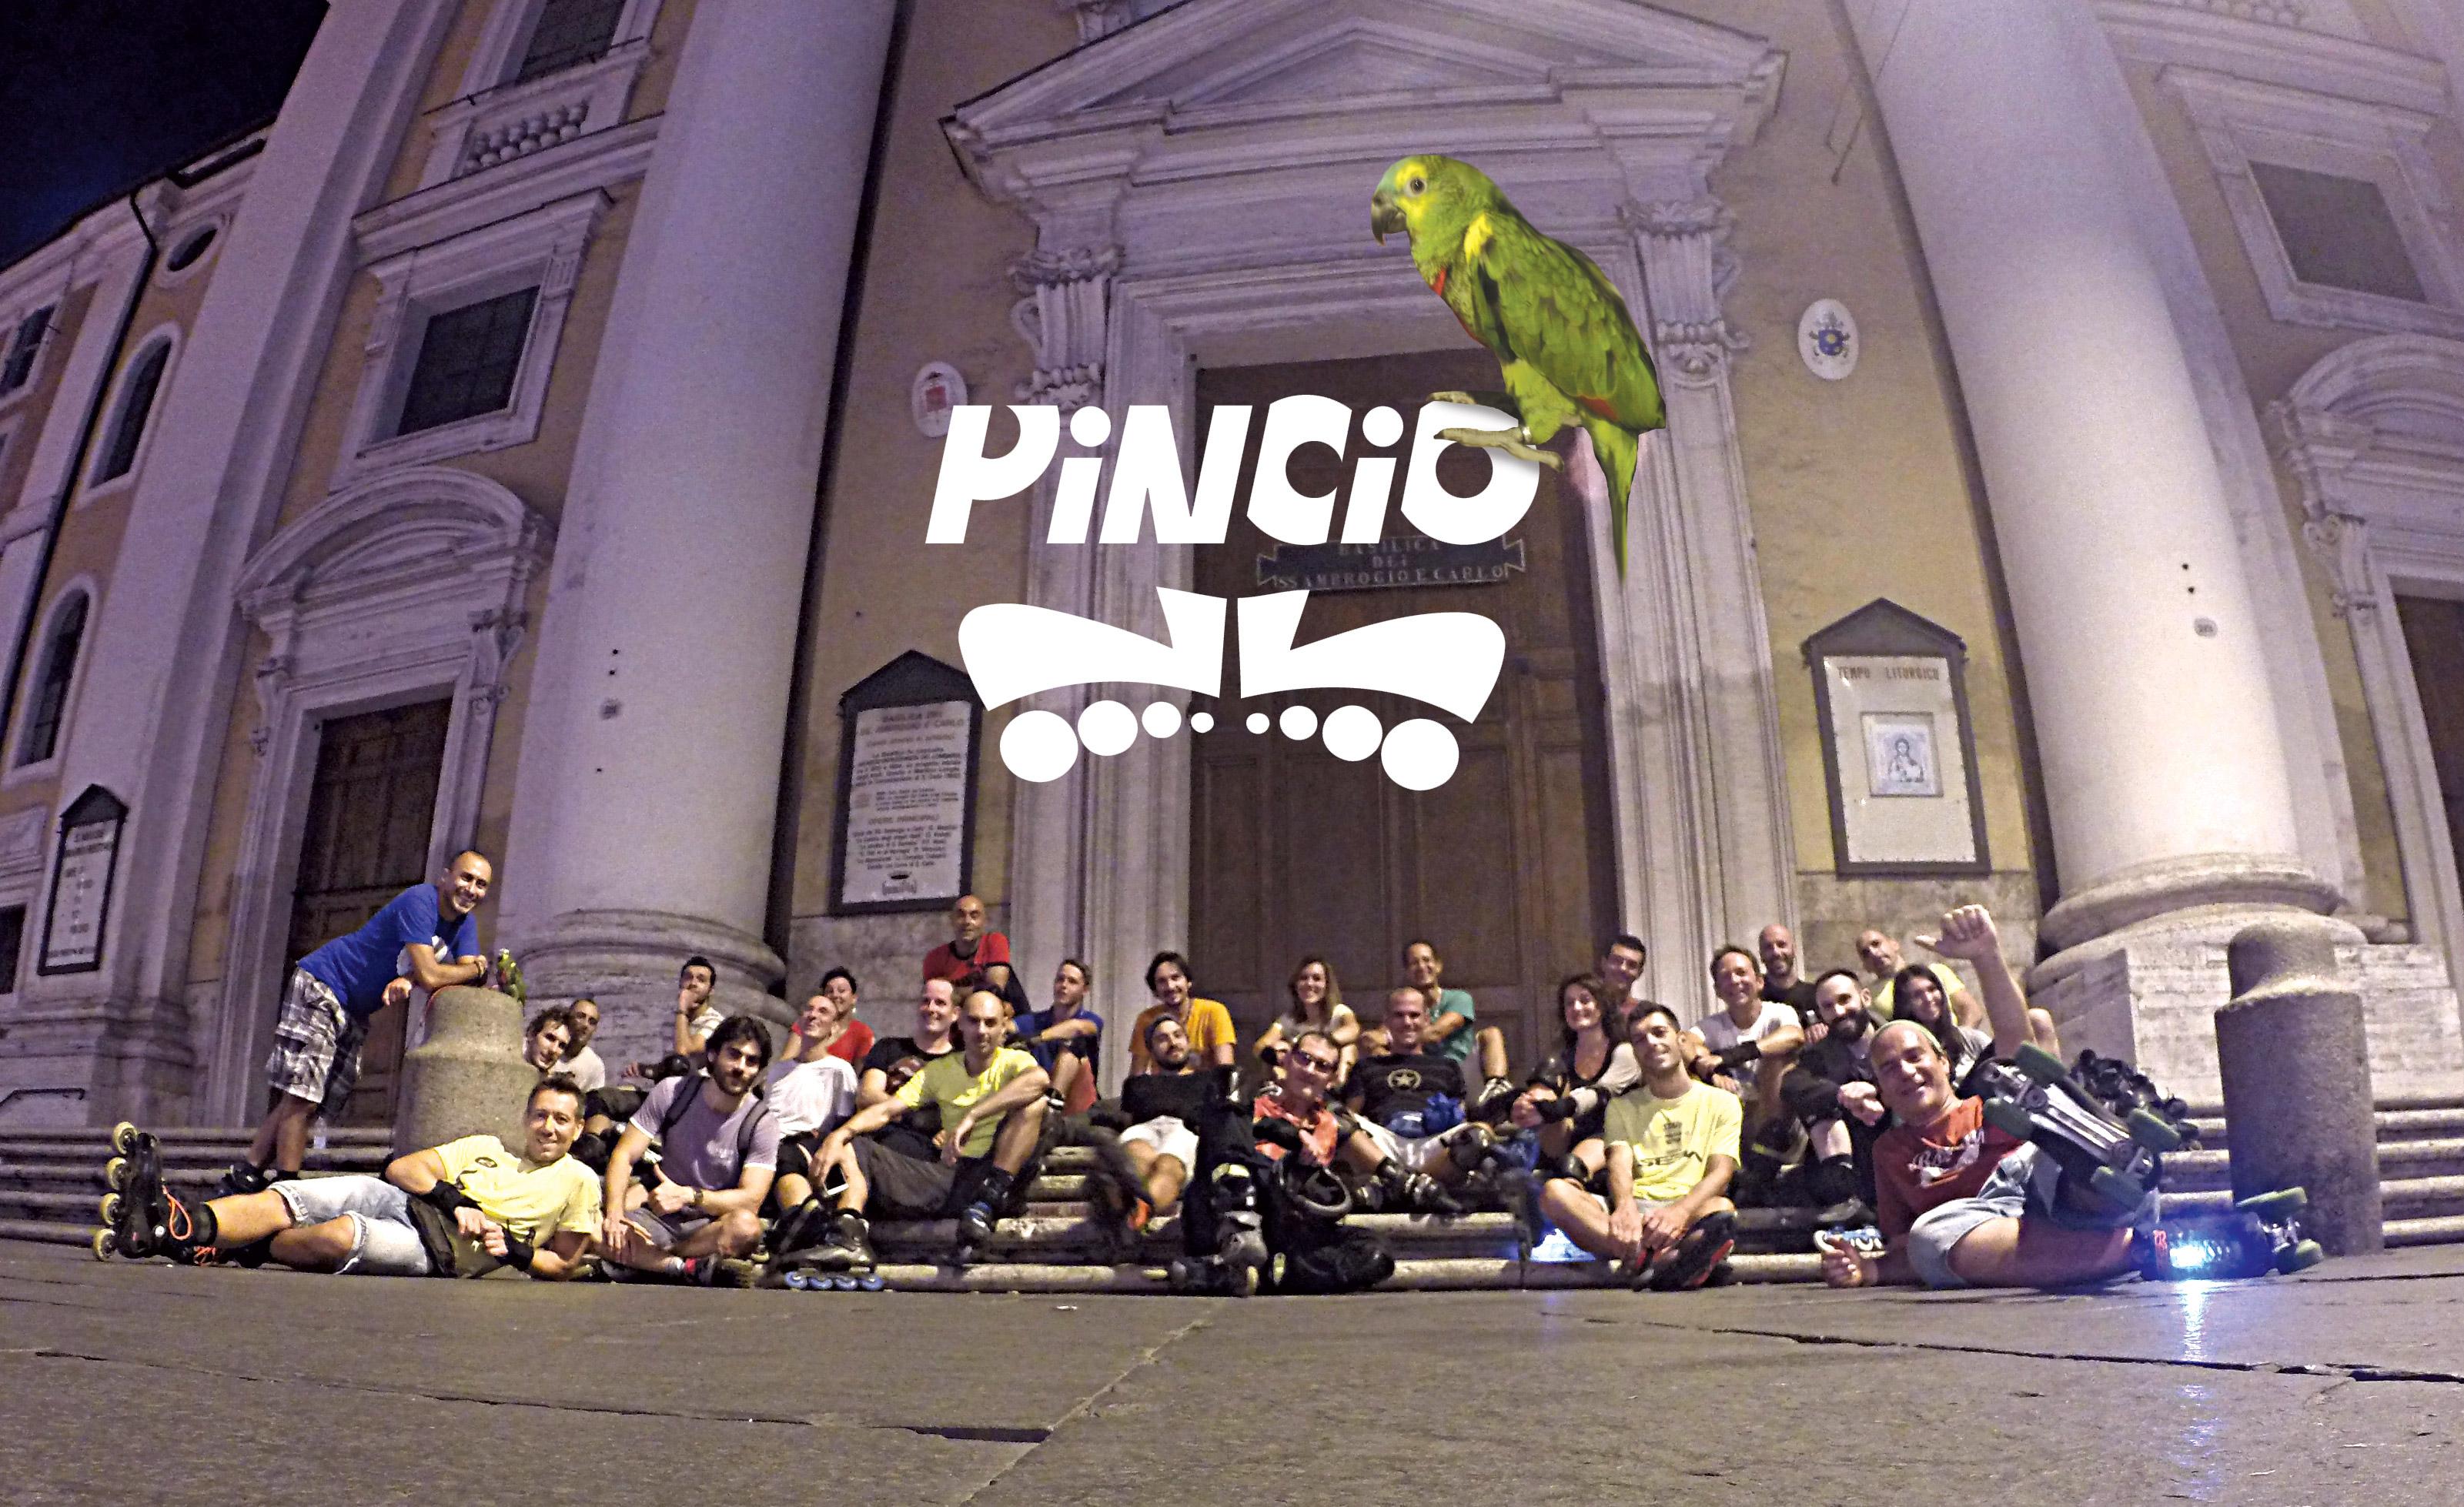 pincio_14092016